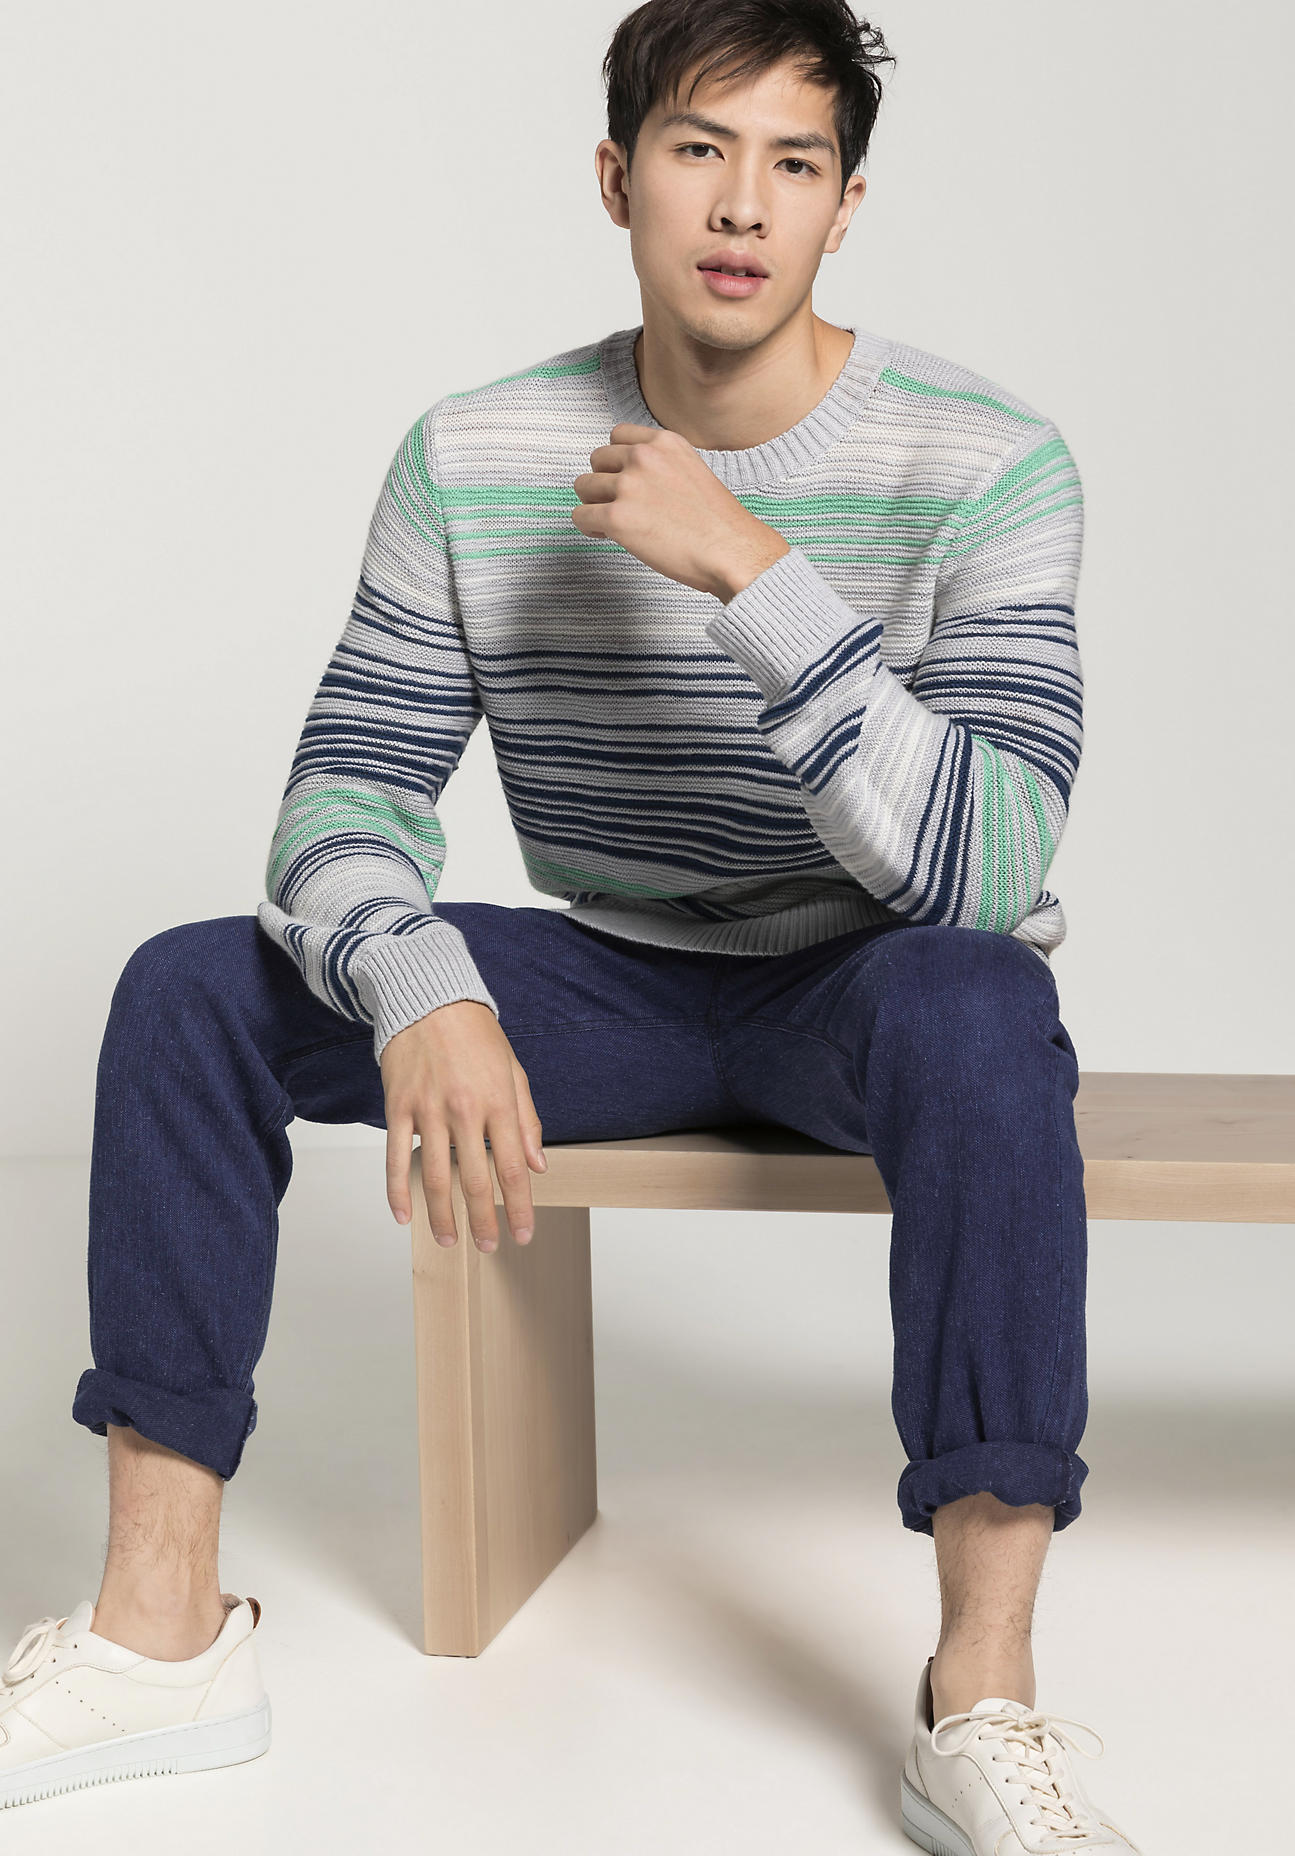 hessnatur Herren Streifen-Pullover aus Bio-Baumwolle mit Schurwoll-Leinen-Mix - grau Größe 50